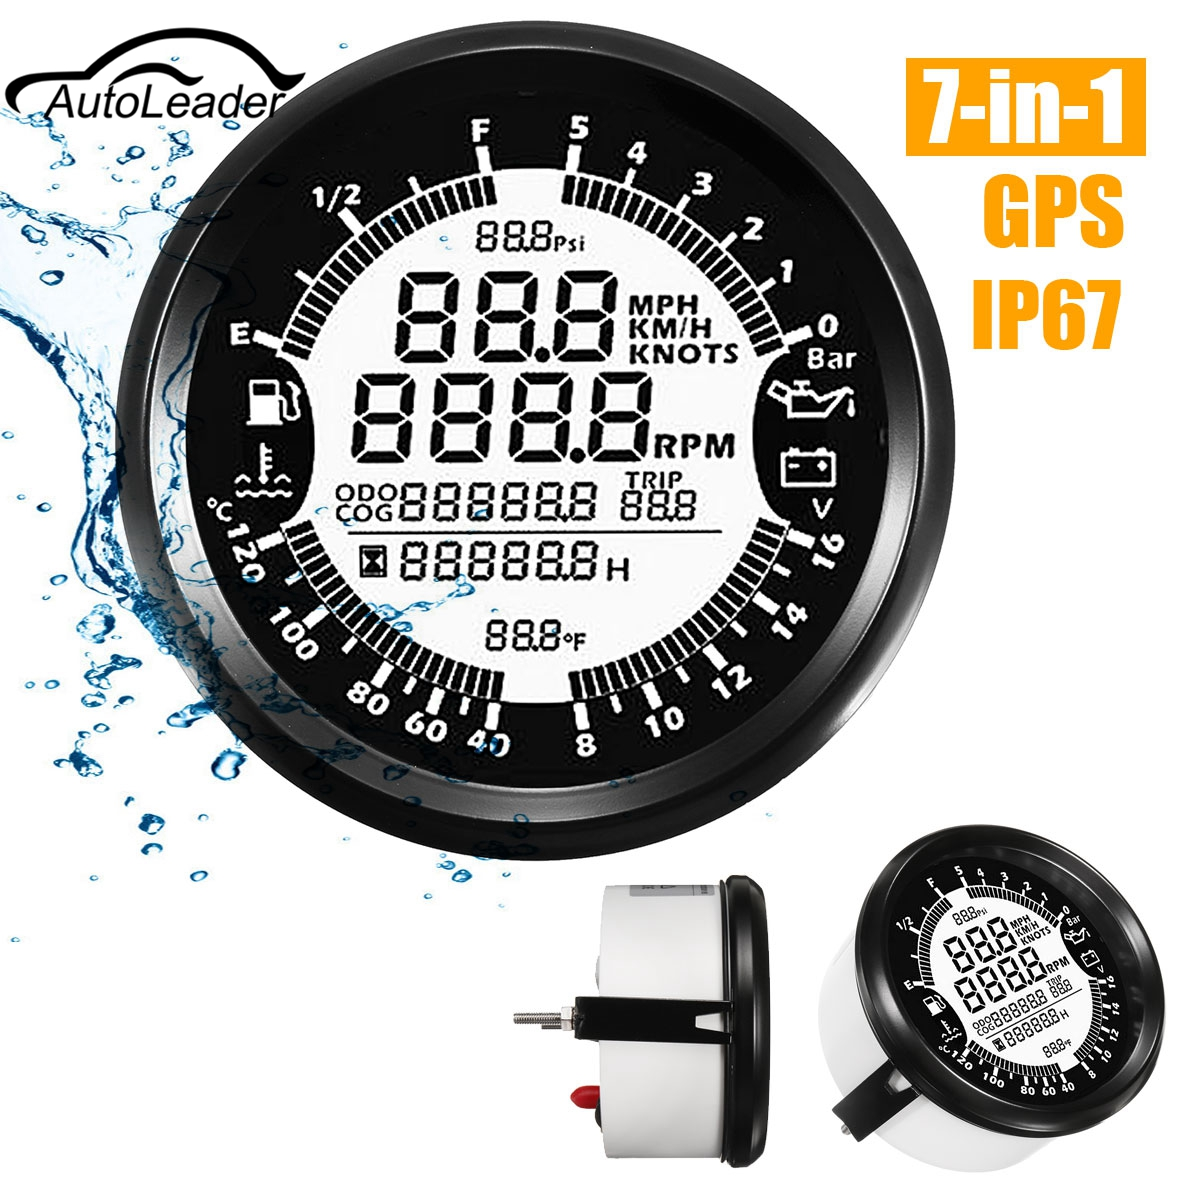 Autoleader 7-in-Impermeabile Tachimetro GPS Manometro Dell'olio Carburante Gauge Contagiri 85mm